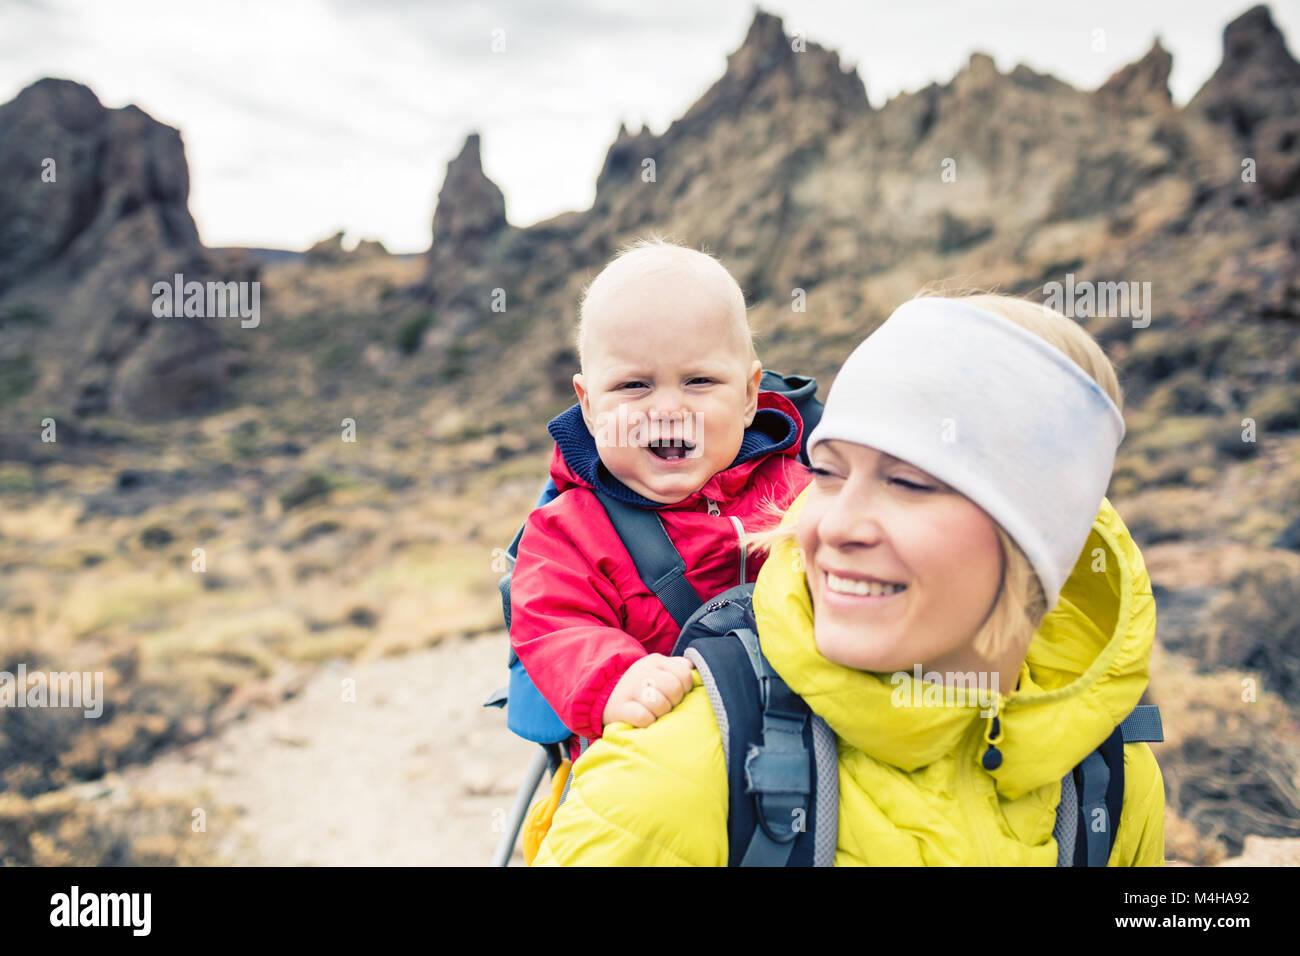 Mutter mit kleinen Jungen in Rucksack reisen. Wandern Abenteuer mit Kind auf Herbst Familie Reise in die Berge. Stockbild